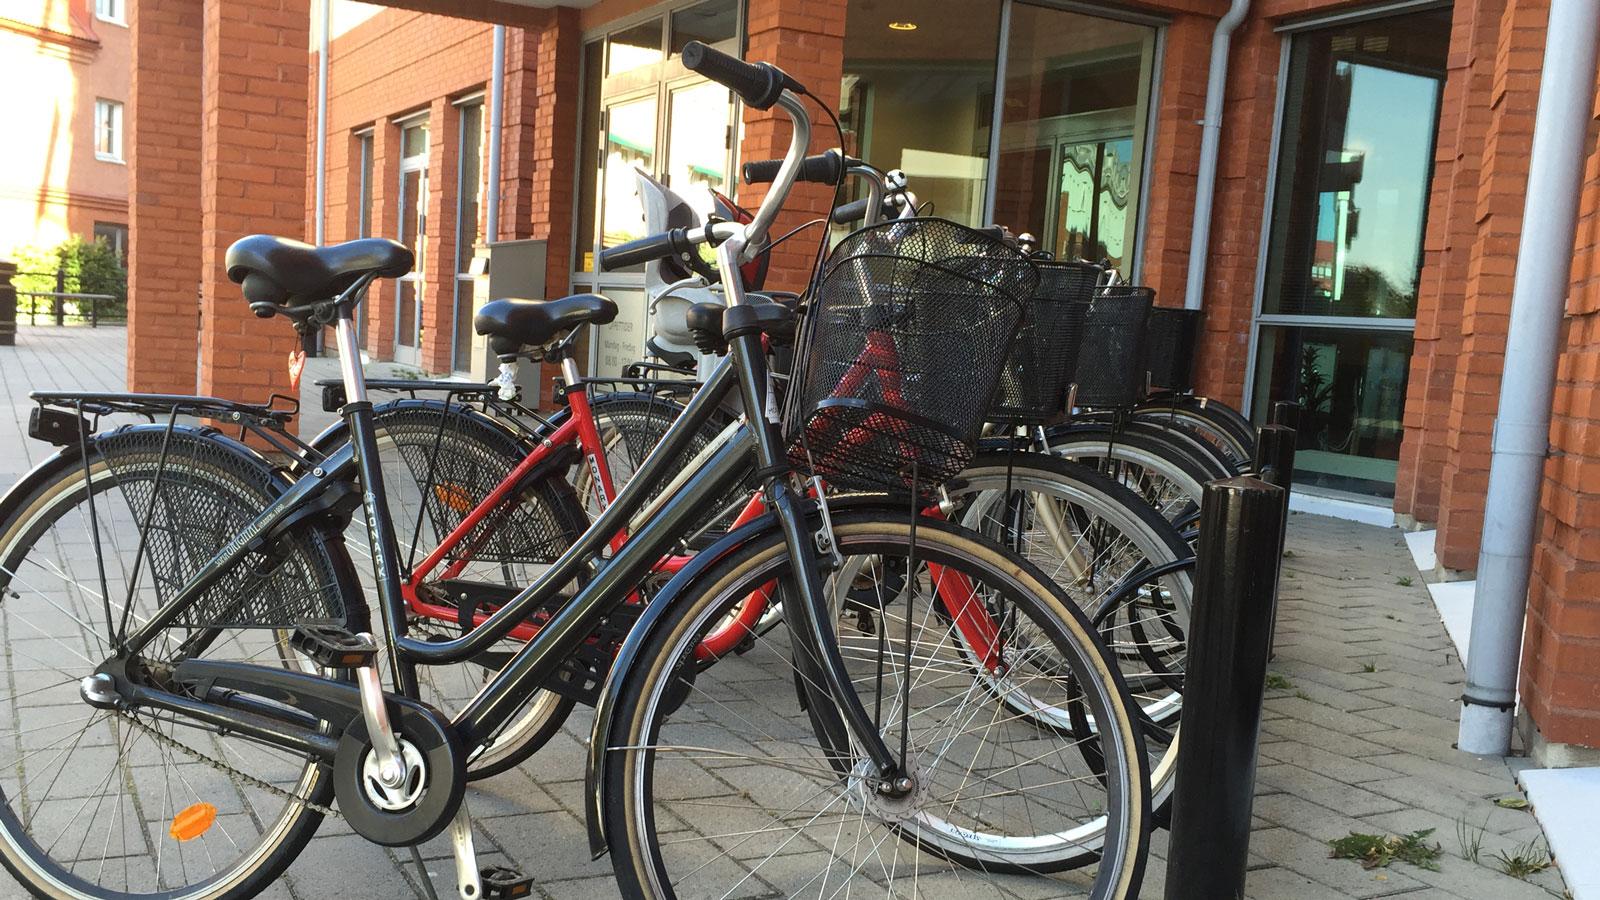 Parkerade cyklar. Foto: Lisbeth Svensson